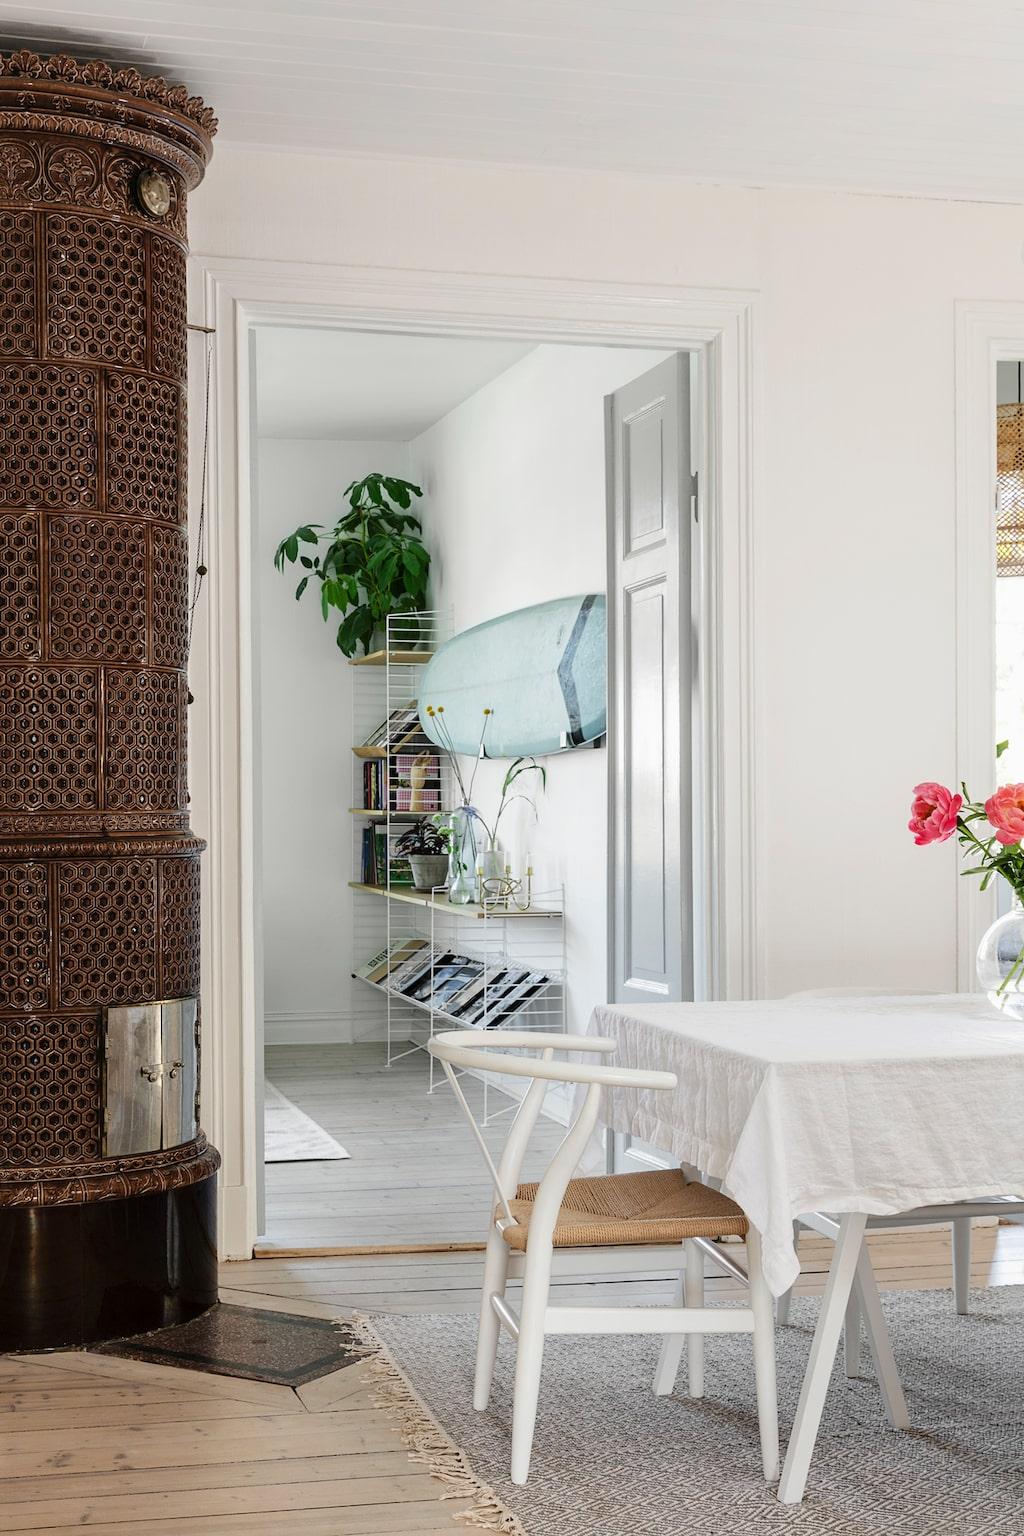 Huset har fyra kakelugnar. I dag fungerar bara en av dem men planen är att dra i gång samtliga, inte minst för att få värme i det 240 kvadratmeter stora huset. Matplatsen har placerats i den rymliga hallen, i anslutning till köket och det vardagsrum som används mest. Där skymtar spår av ett av Nils stora intressen: surfing. Matsalsbordet kommer från Hay, stolarna från Voga.